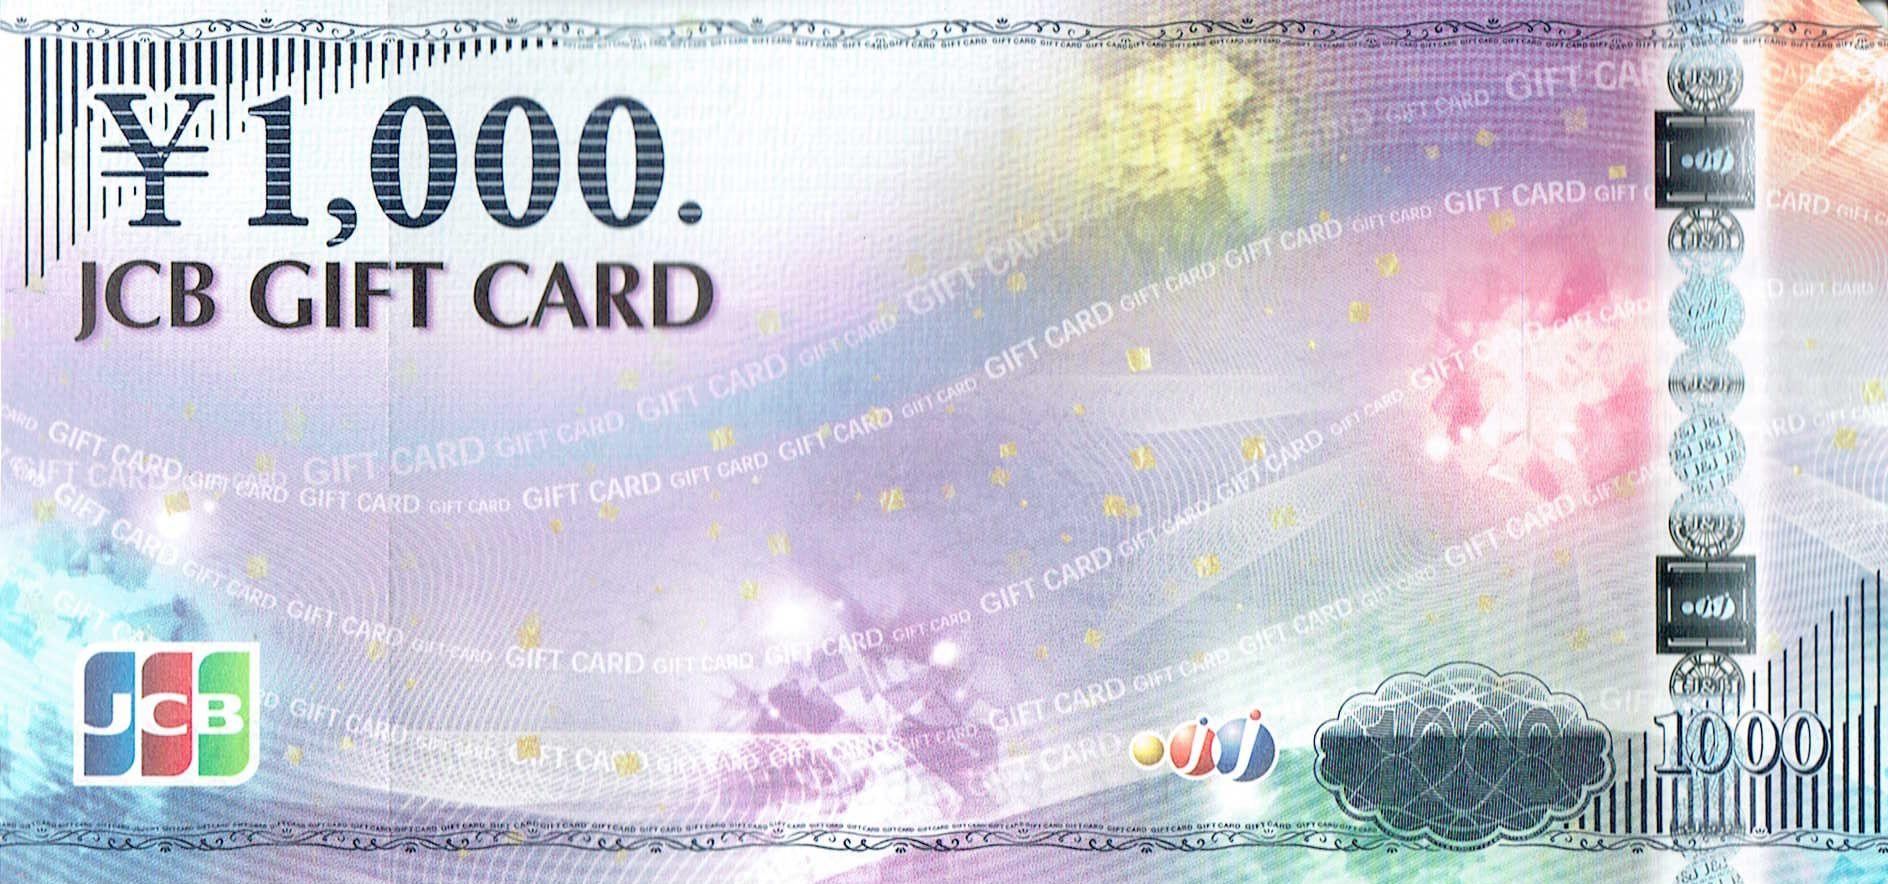 商品名「商品券・金券」「JCBギフトカード(新券)JCB GIFT CARD 1,000円」